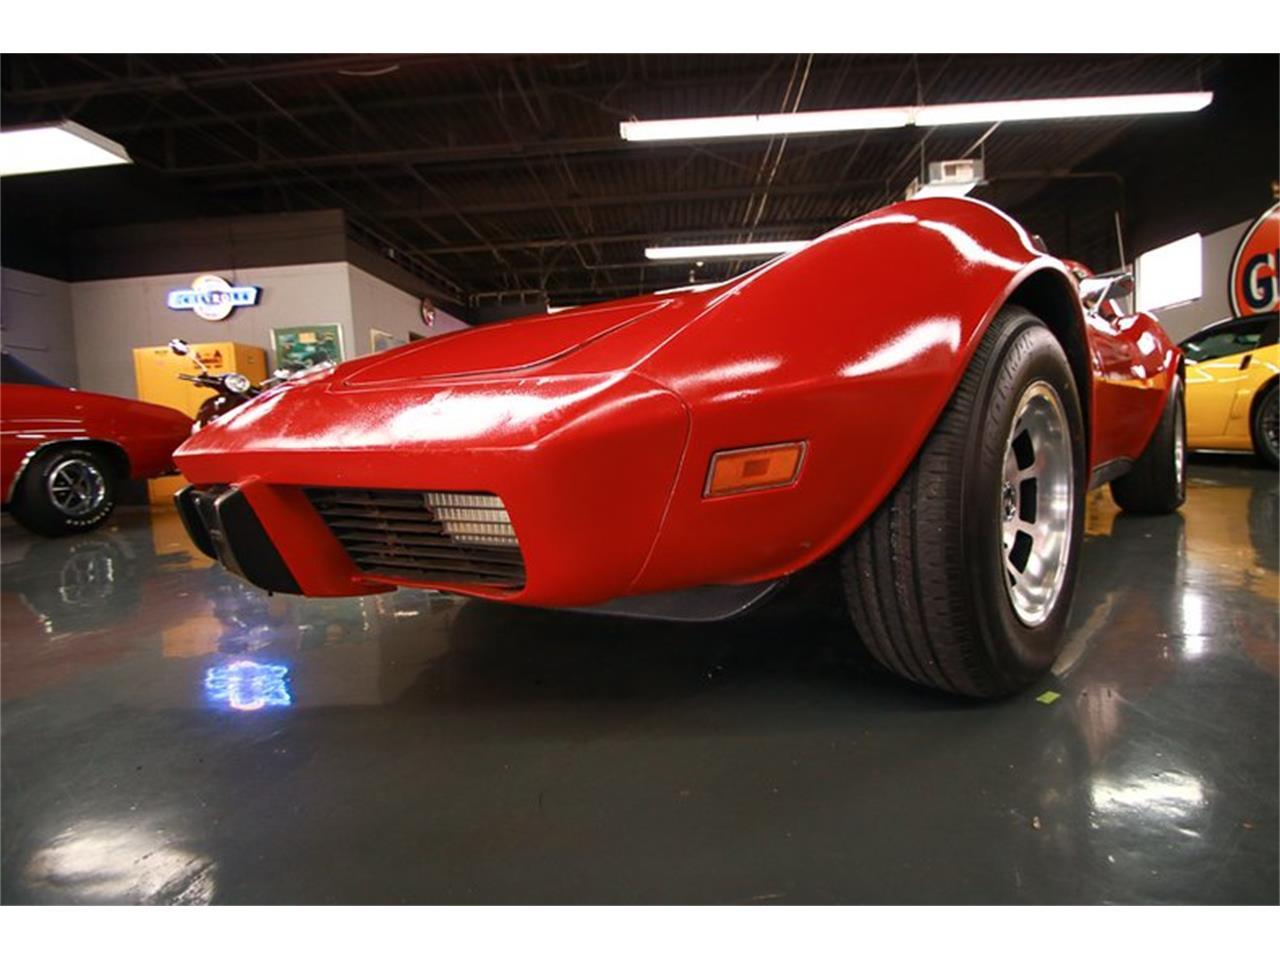 Large Picture of 1976 Chevrolet Corvette located in Ohio - $9,900.00 - QHTE